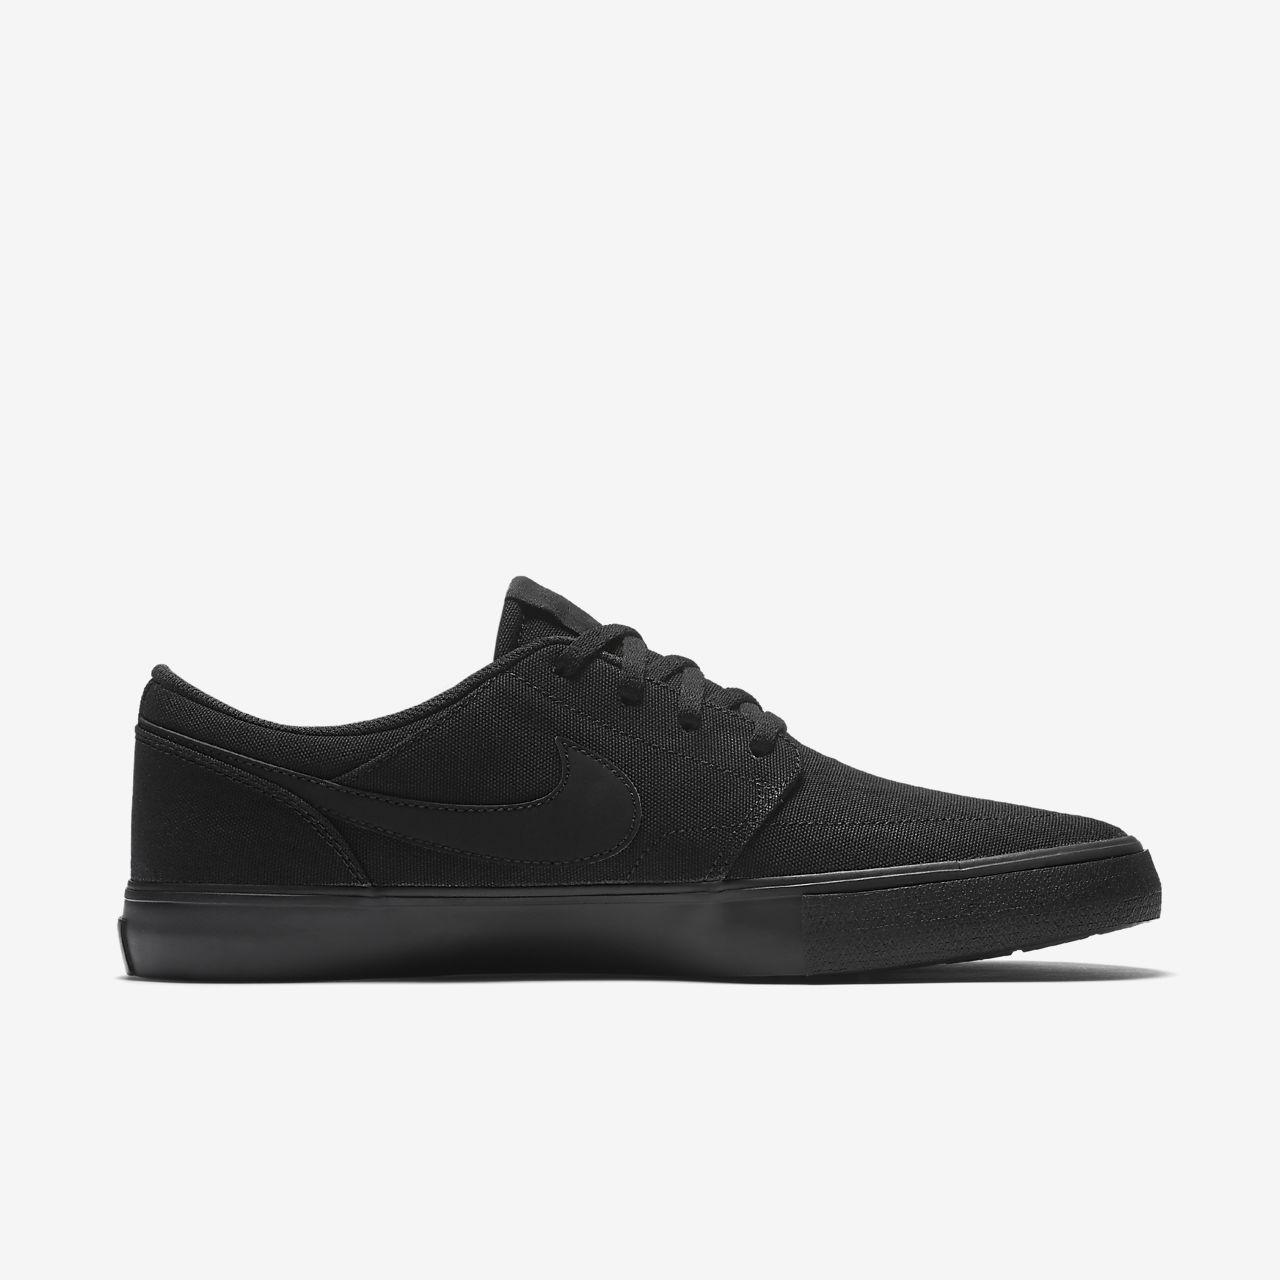 f4996d87c73d Nike Sb Solarsoft Portmore Ii Canvas Shoes